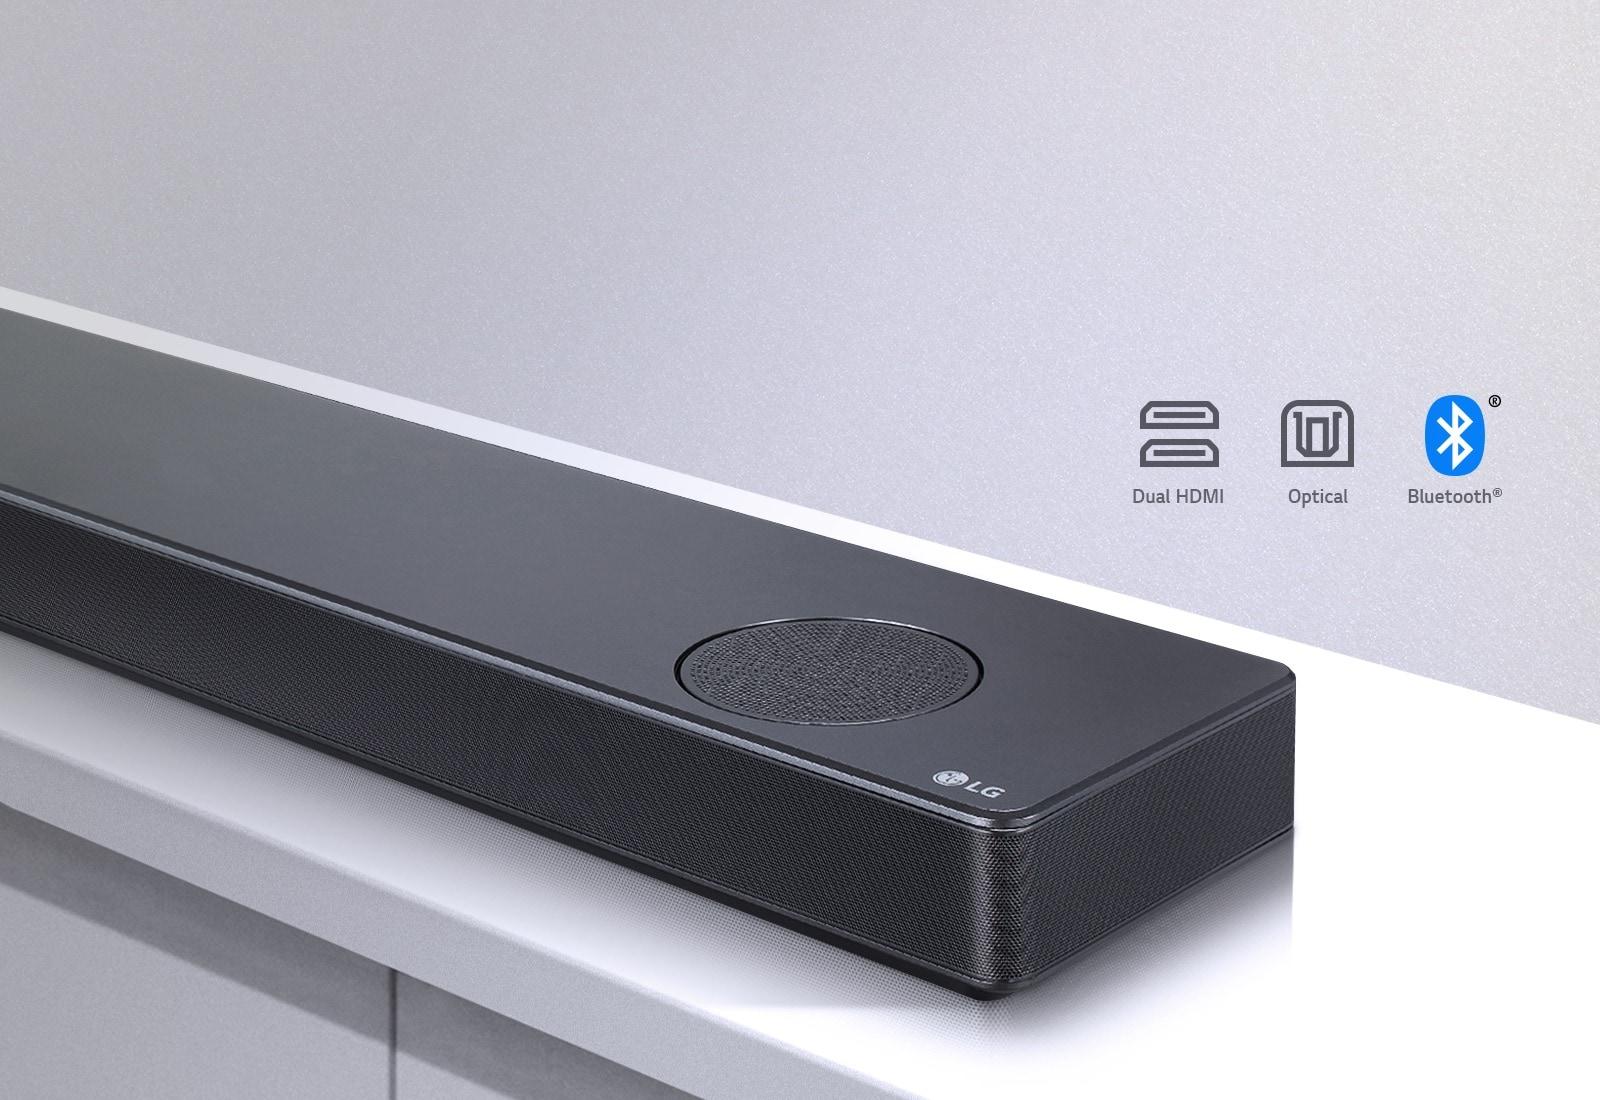 LG SL10Y 5 1 2 Channel 570W Sound Bar w/Meridian Technology & Dolby Atmos